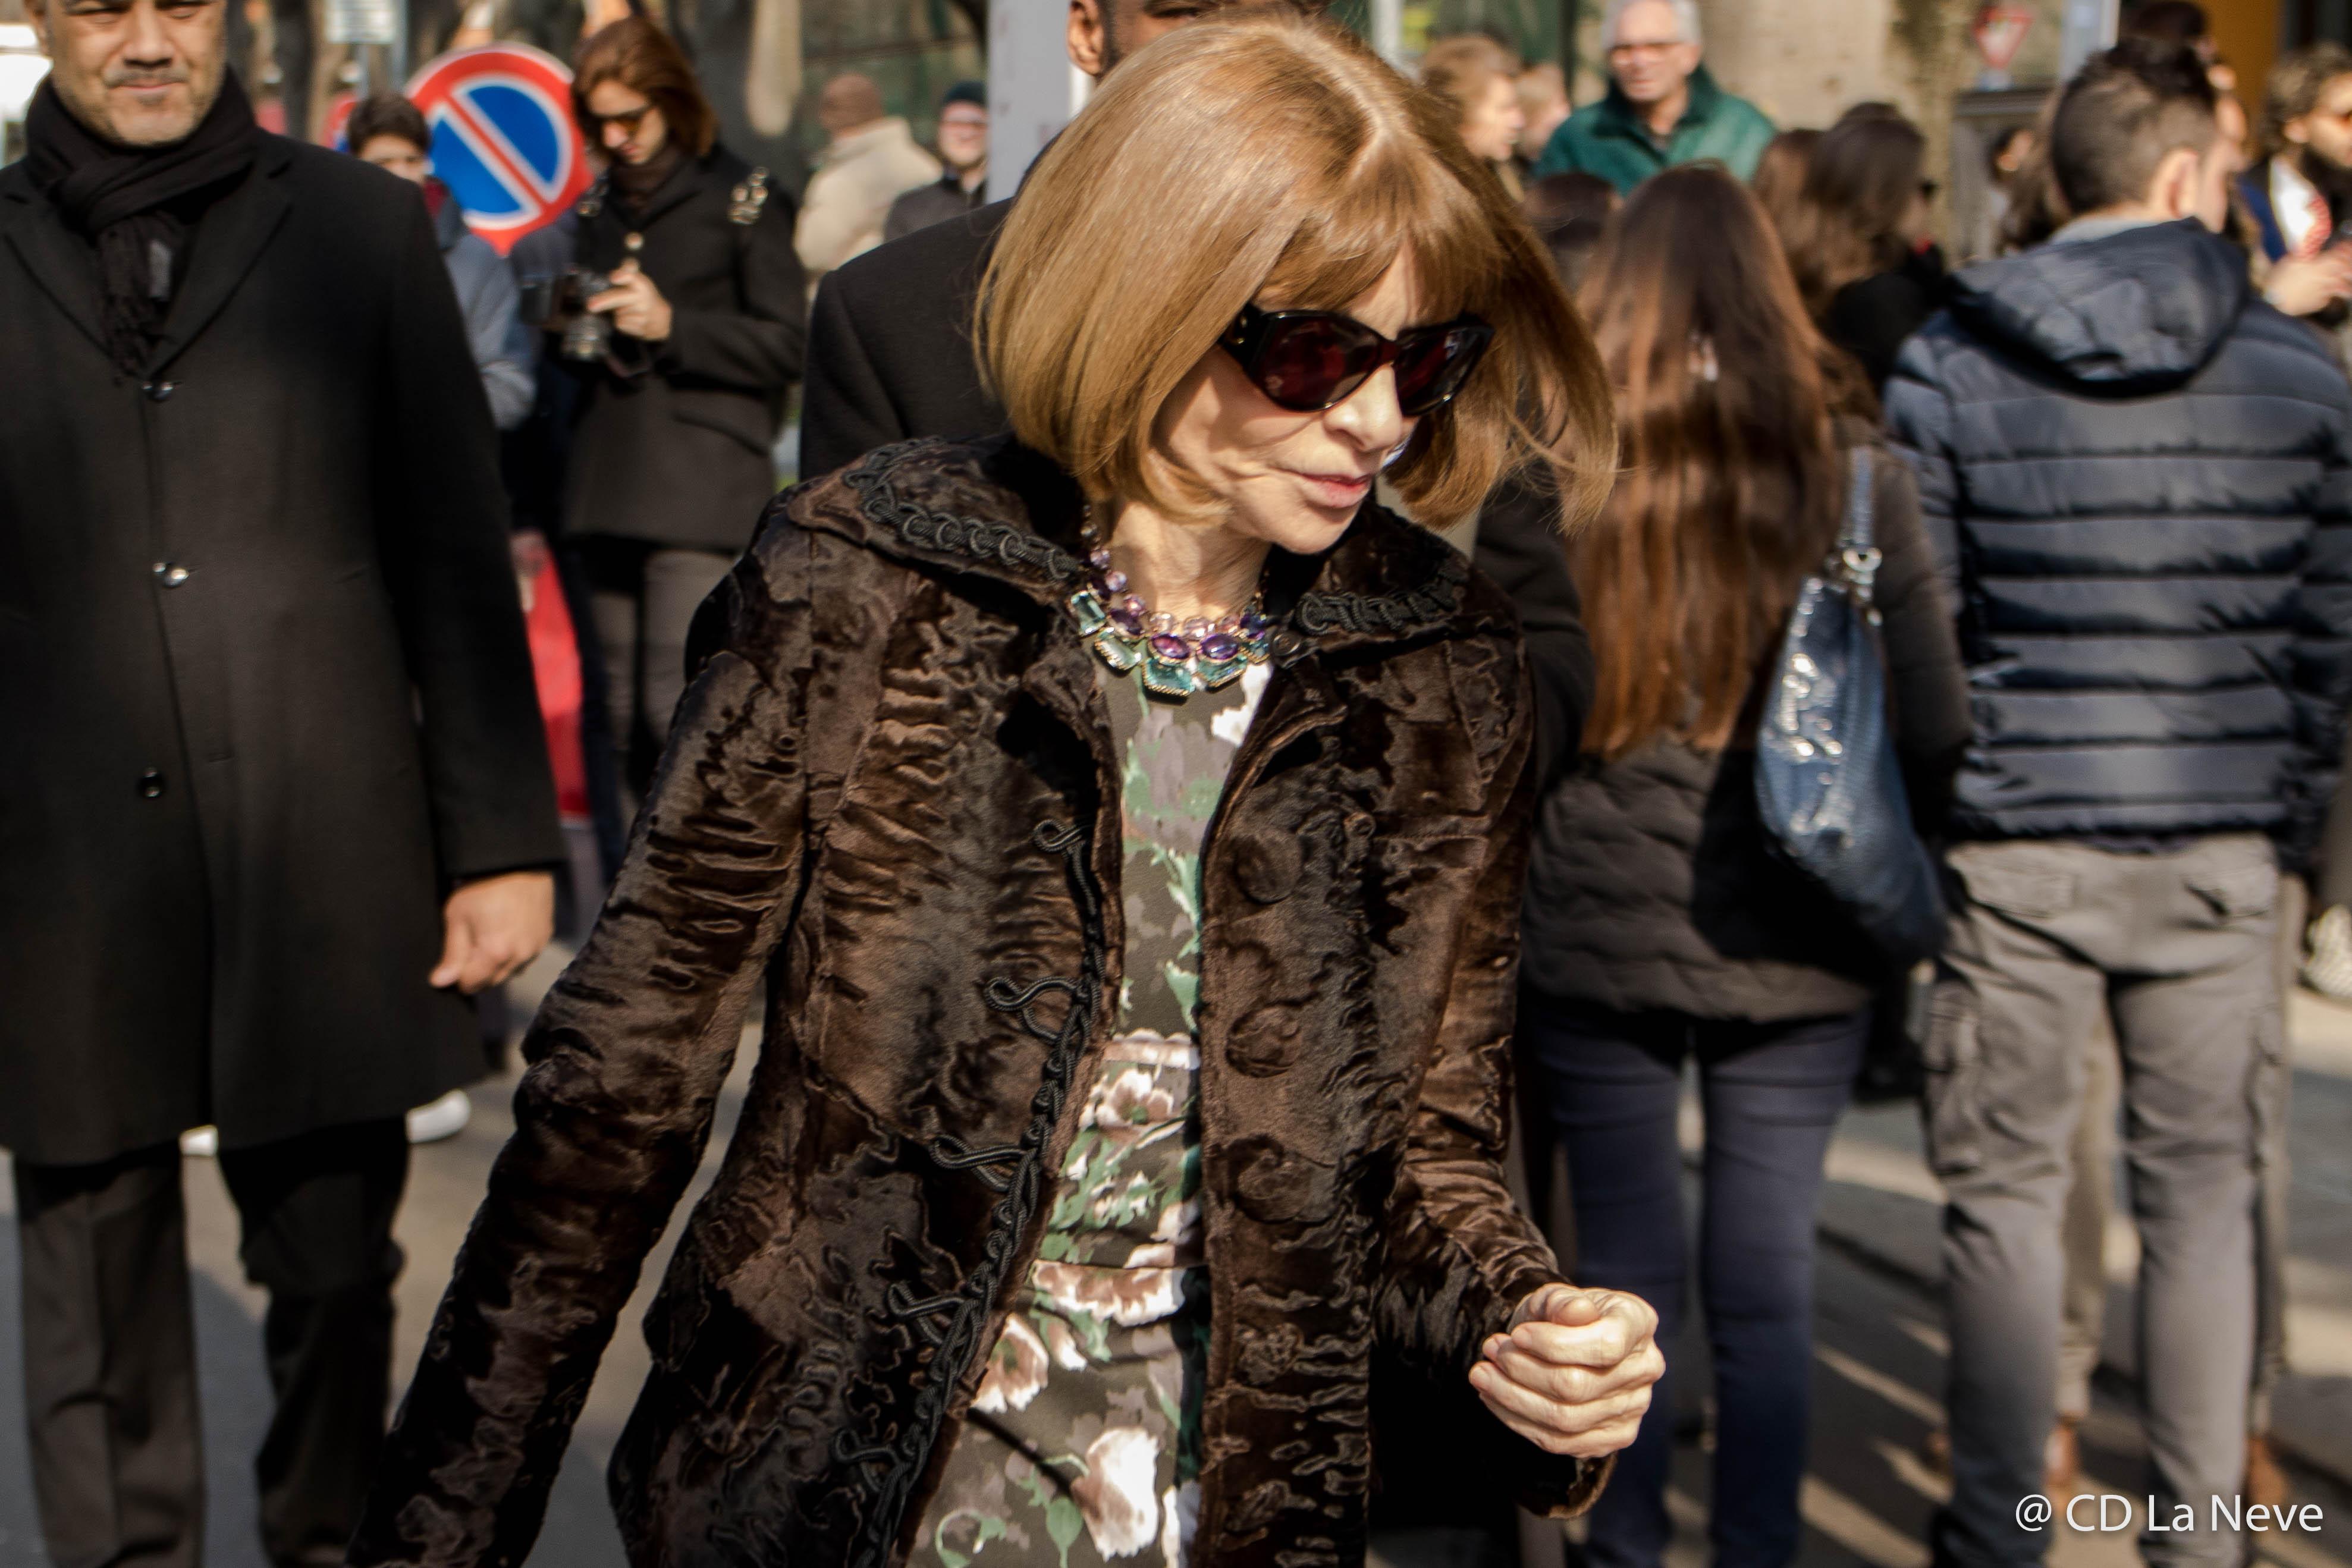 Anna Wintour at Giorgio Armani Milan Fashion Week FW17